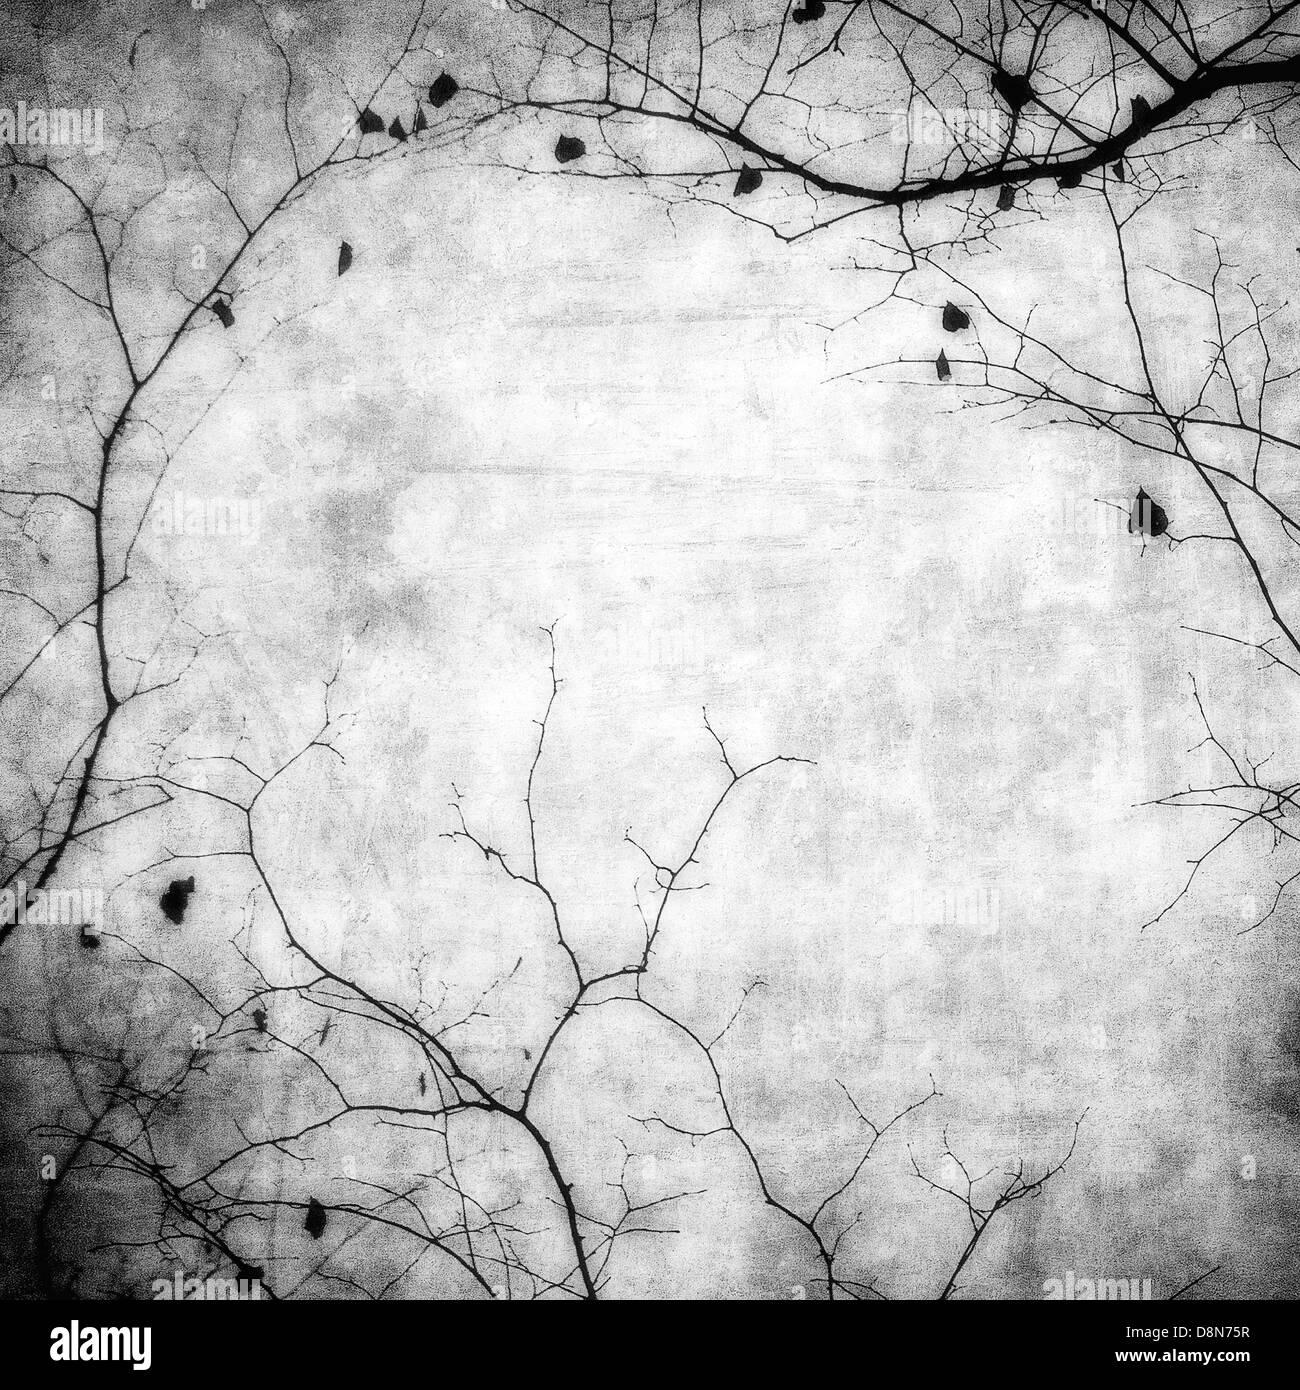 Grunge bastidor con siluetas de árbol Imagen De Stock